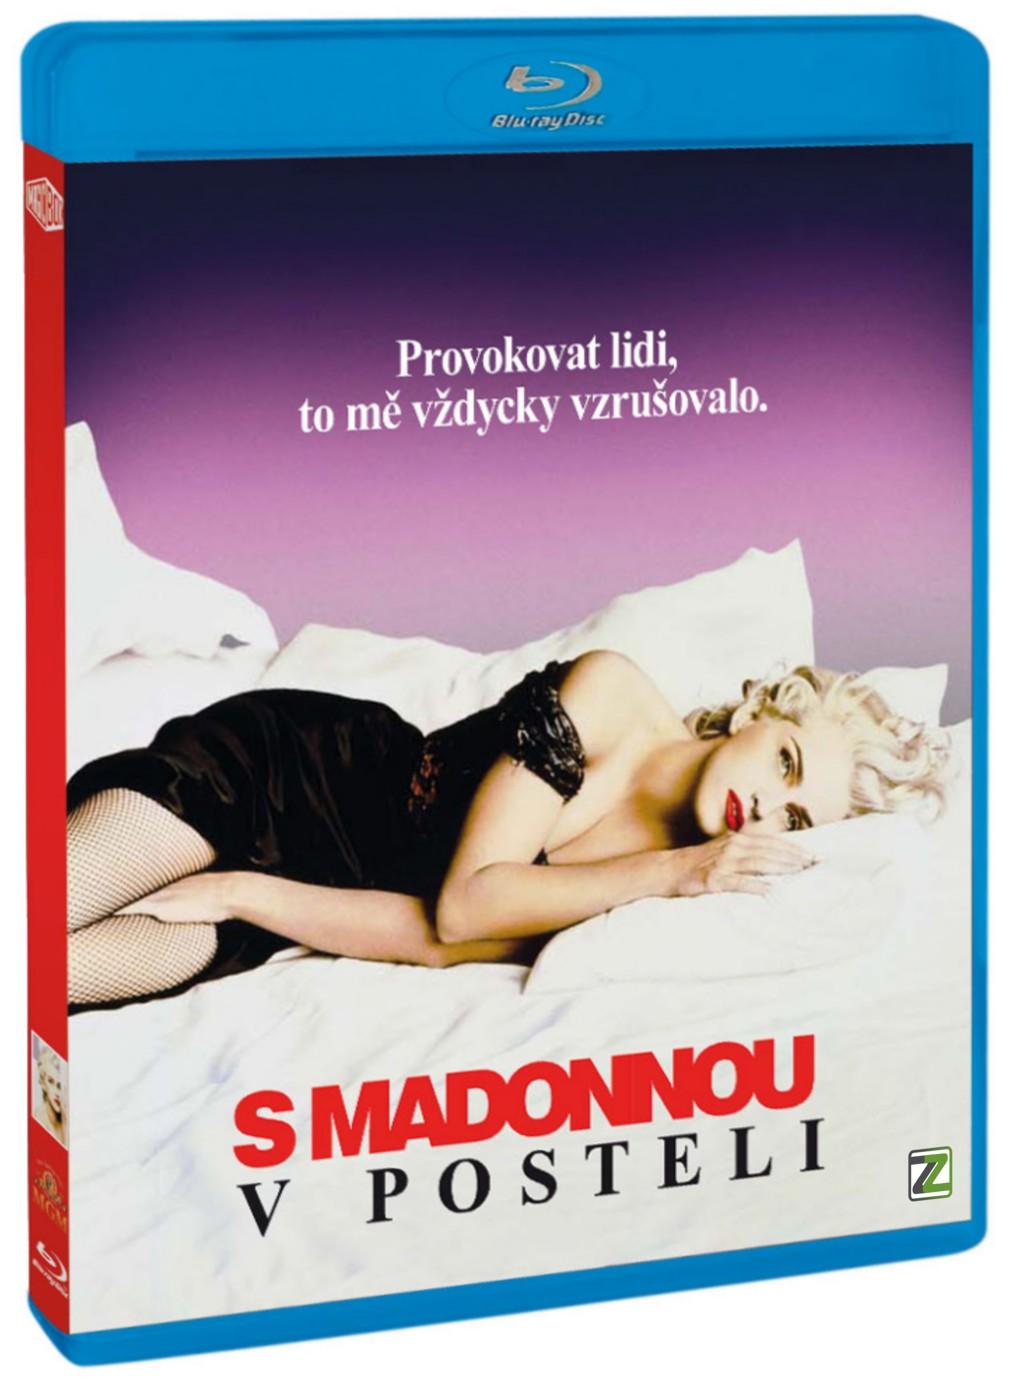 S MADONNOU V POSTELI - Blu-ray